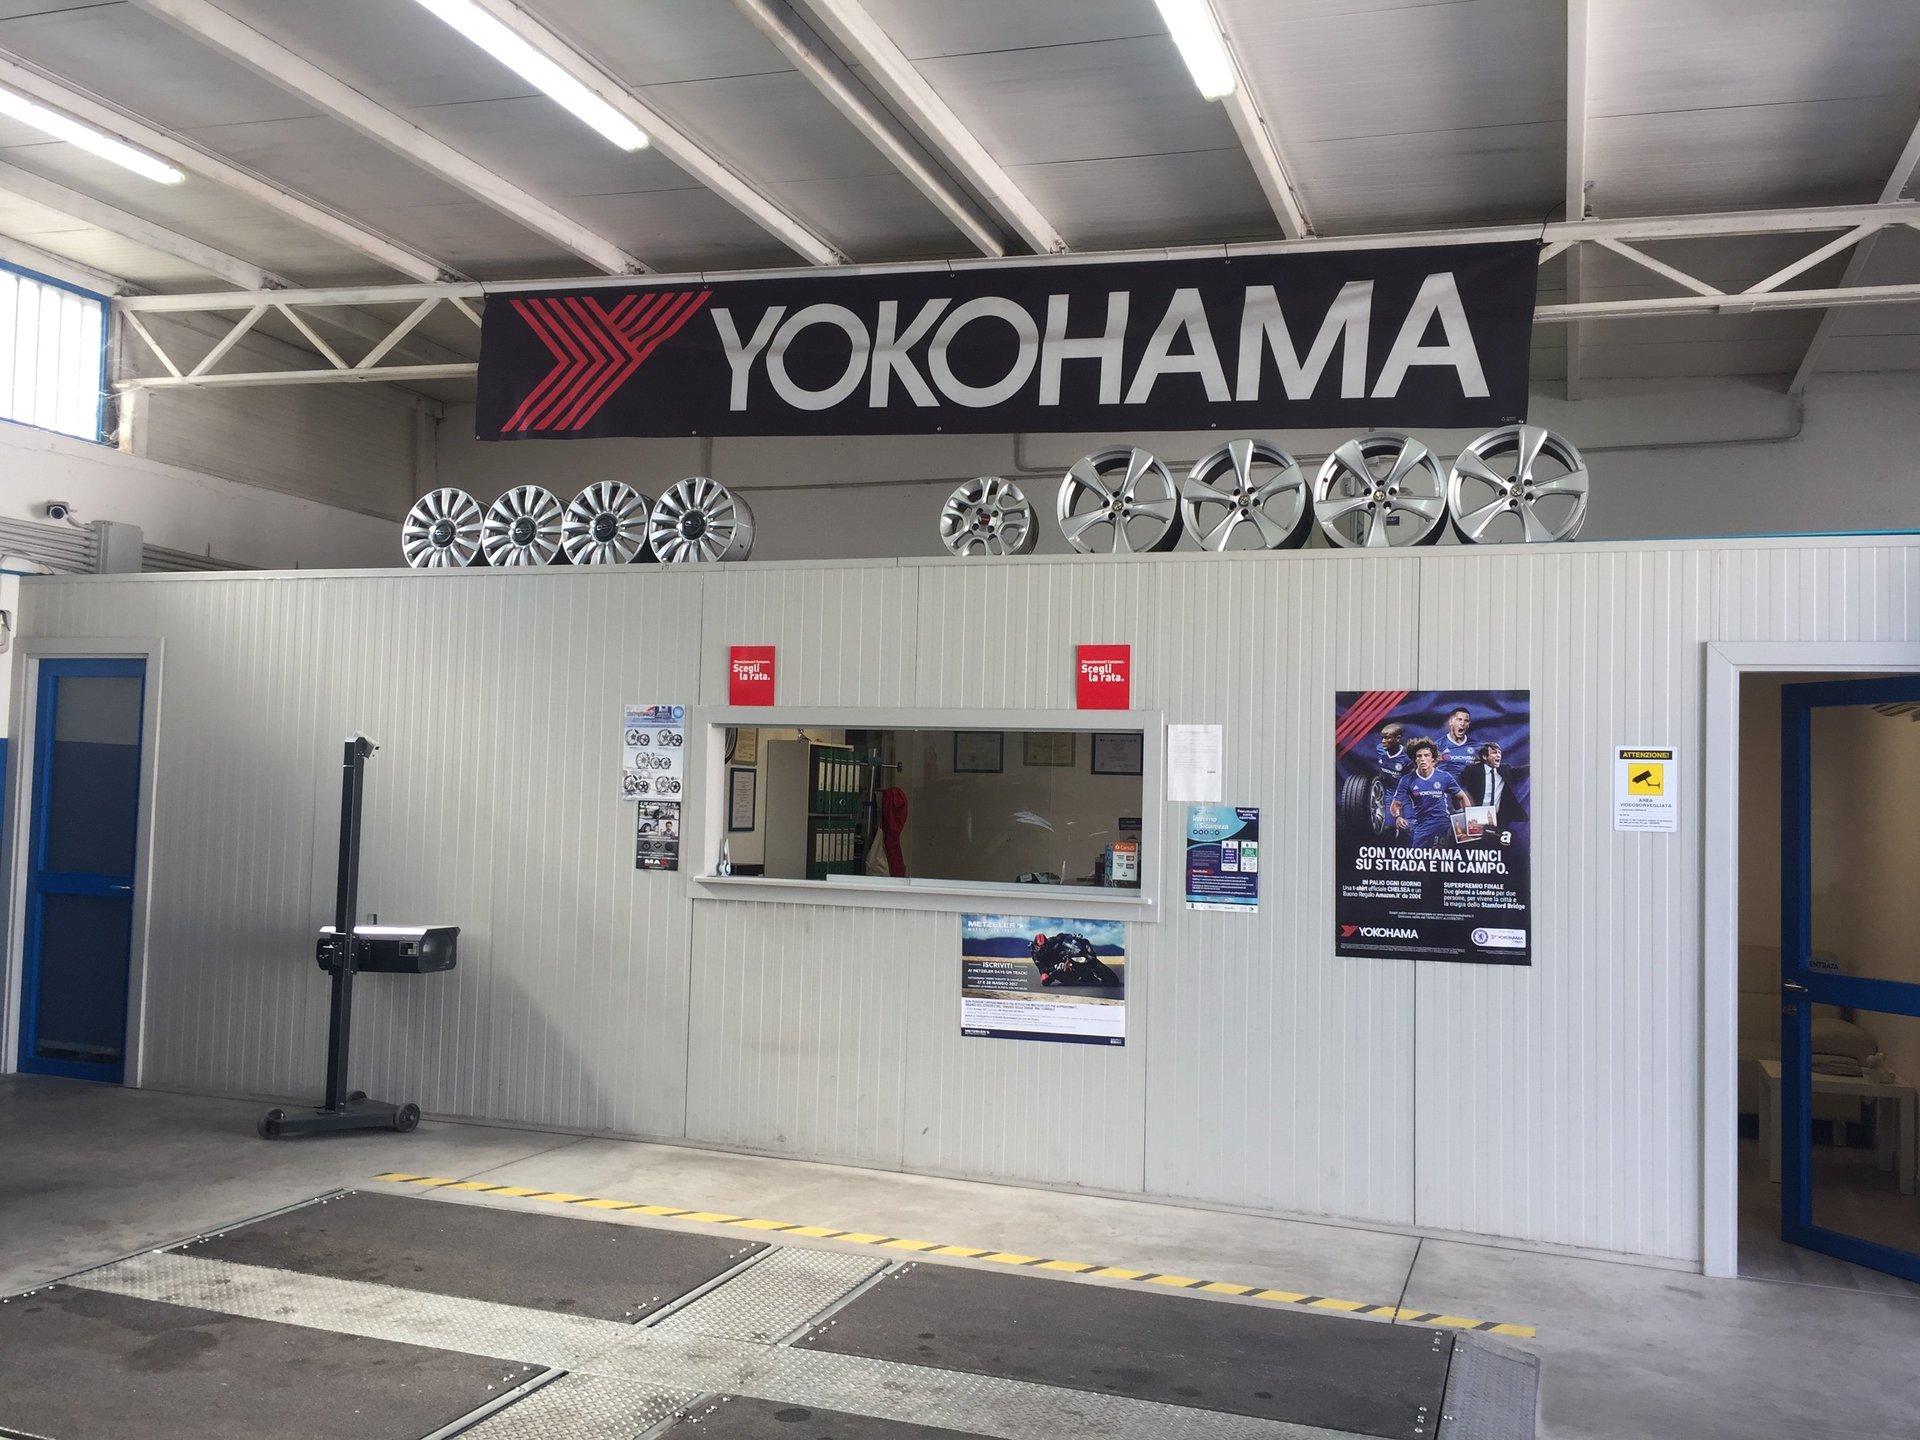 vista dell'ufficio all'interno dell'officina e uno striscione con scritto Yokohama